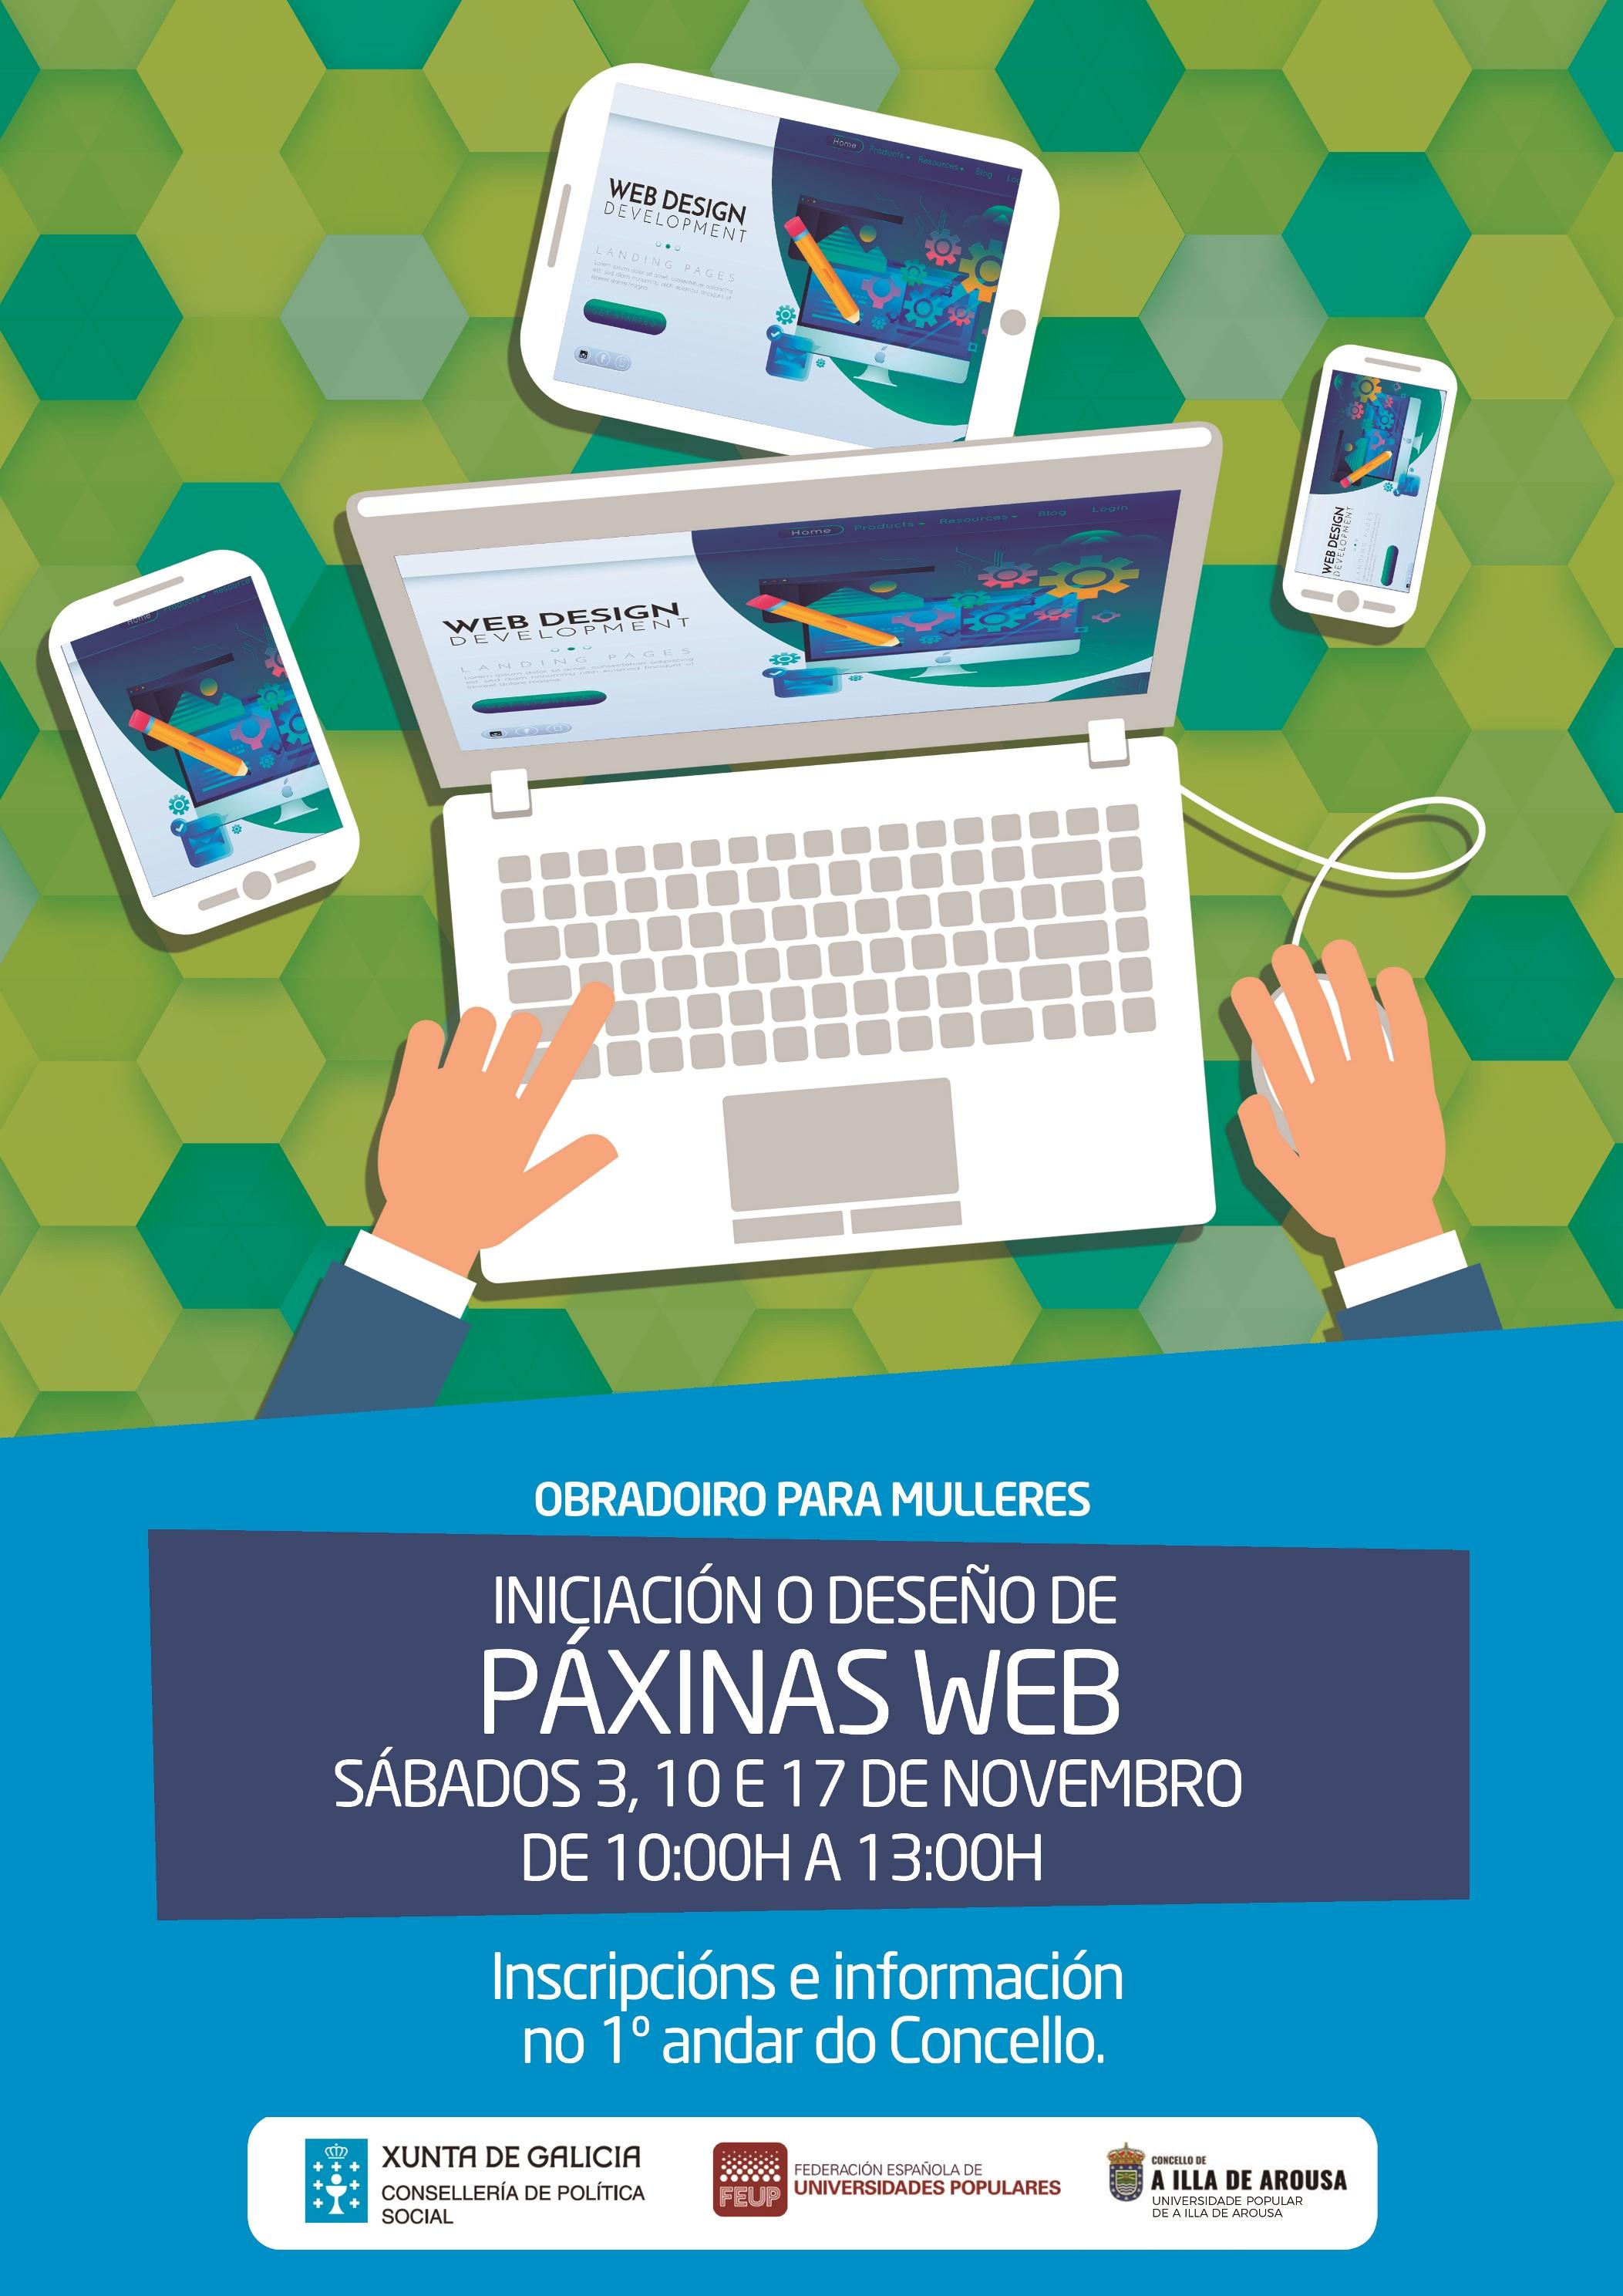 OBRADOIRO PARA MULLERES. INICIACIÓN E DESEÑO DE PÁXINAS WEB